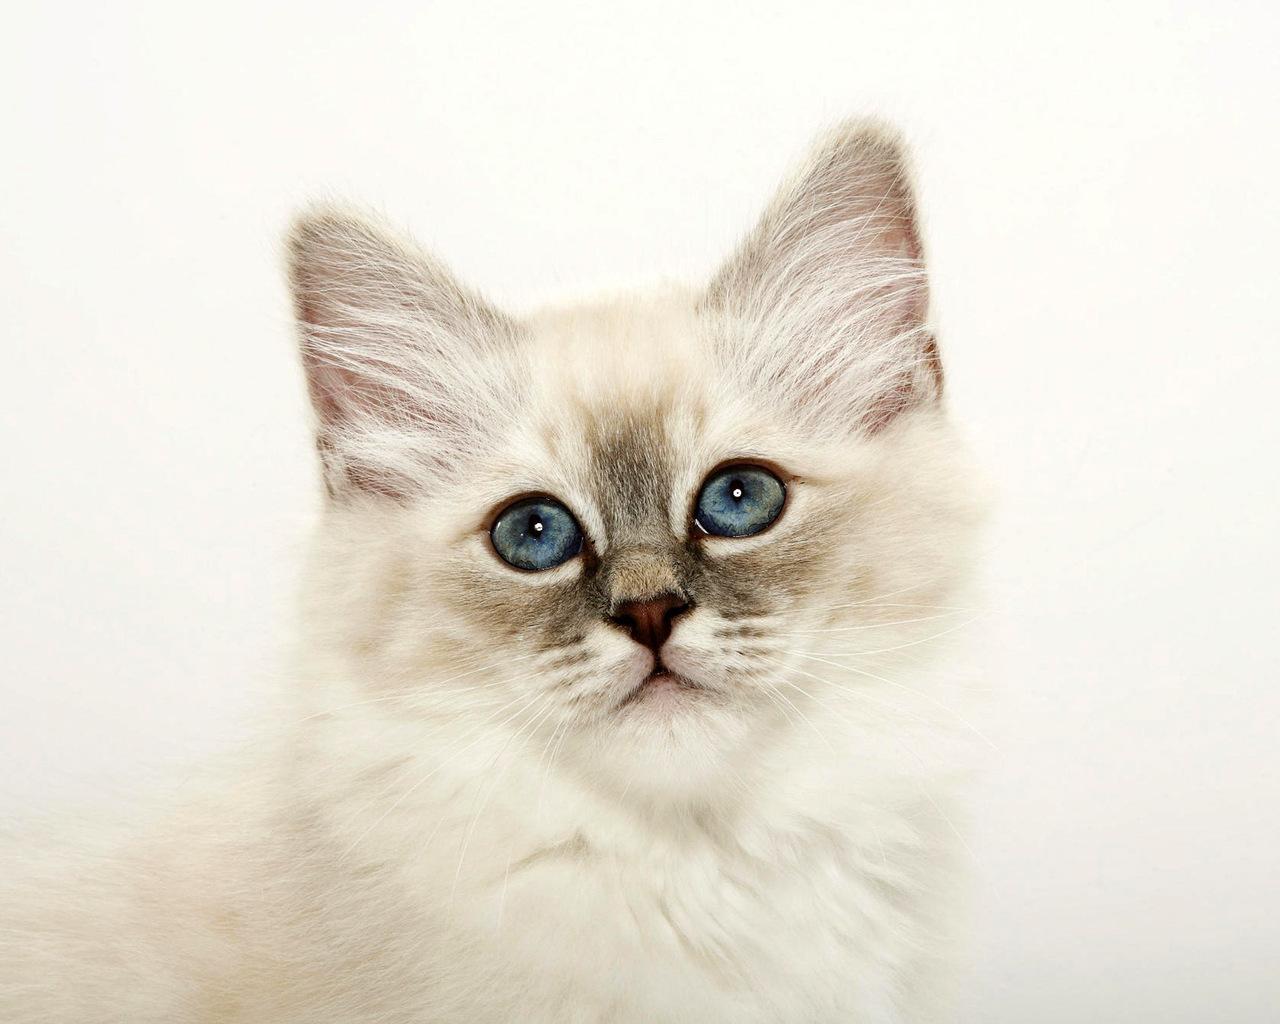 бирманская кошка обои на рабочий стол № 539368 бесплатно